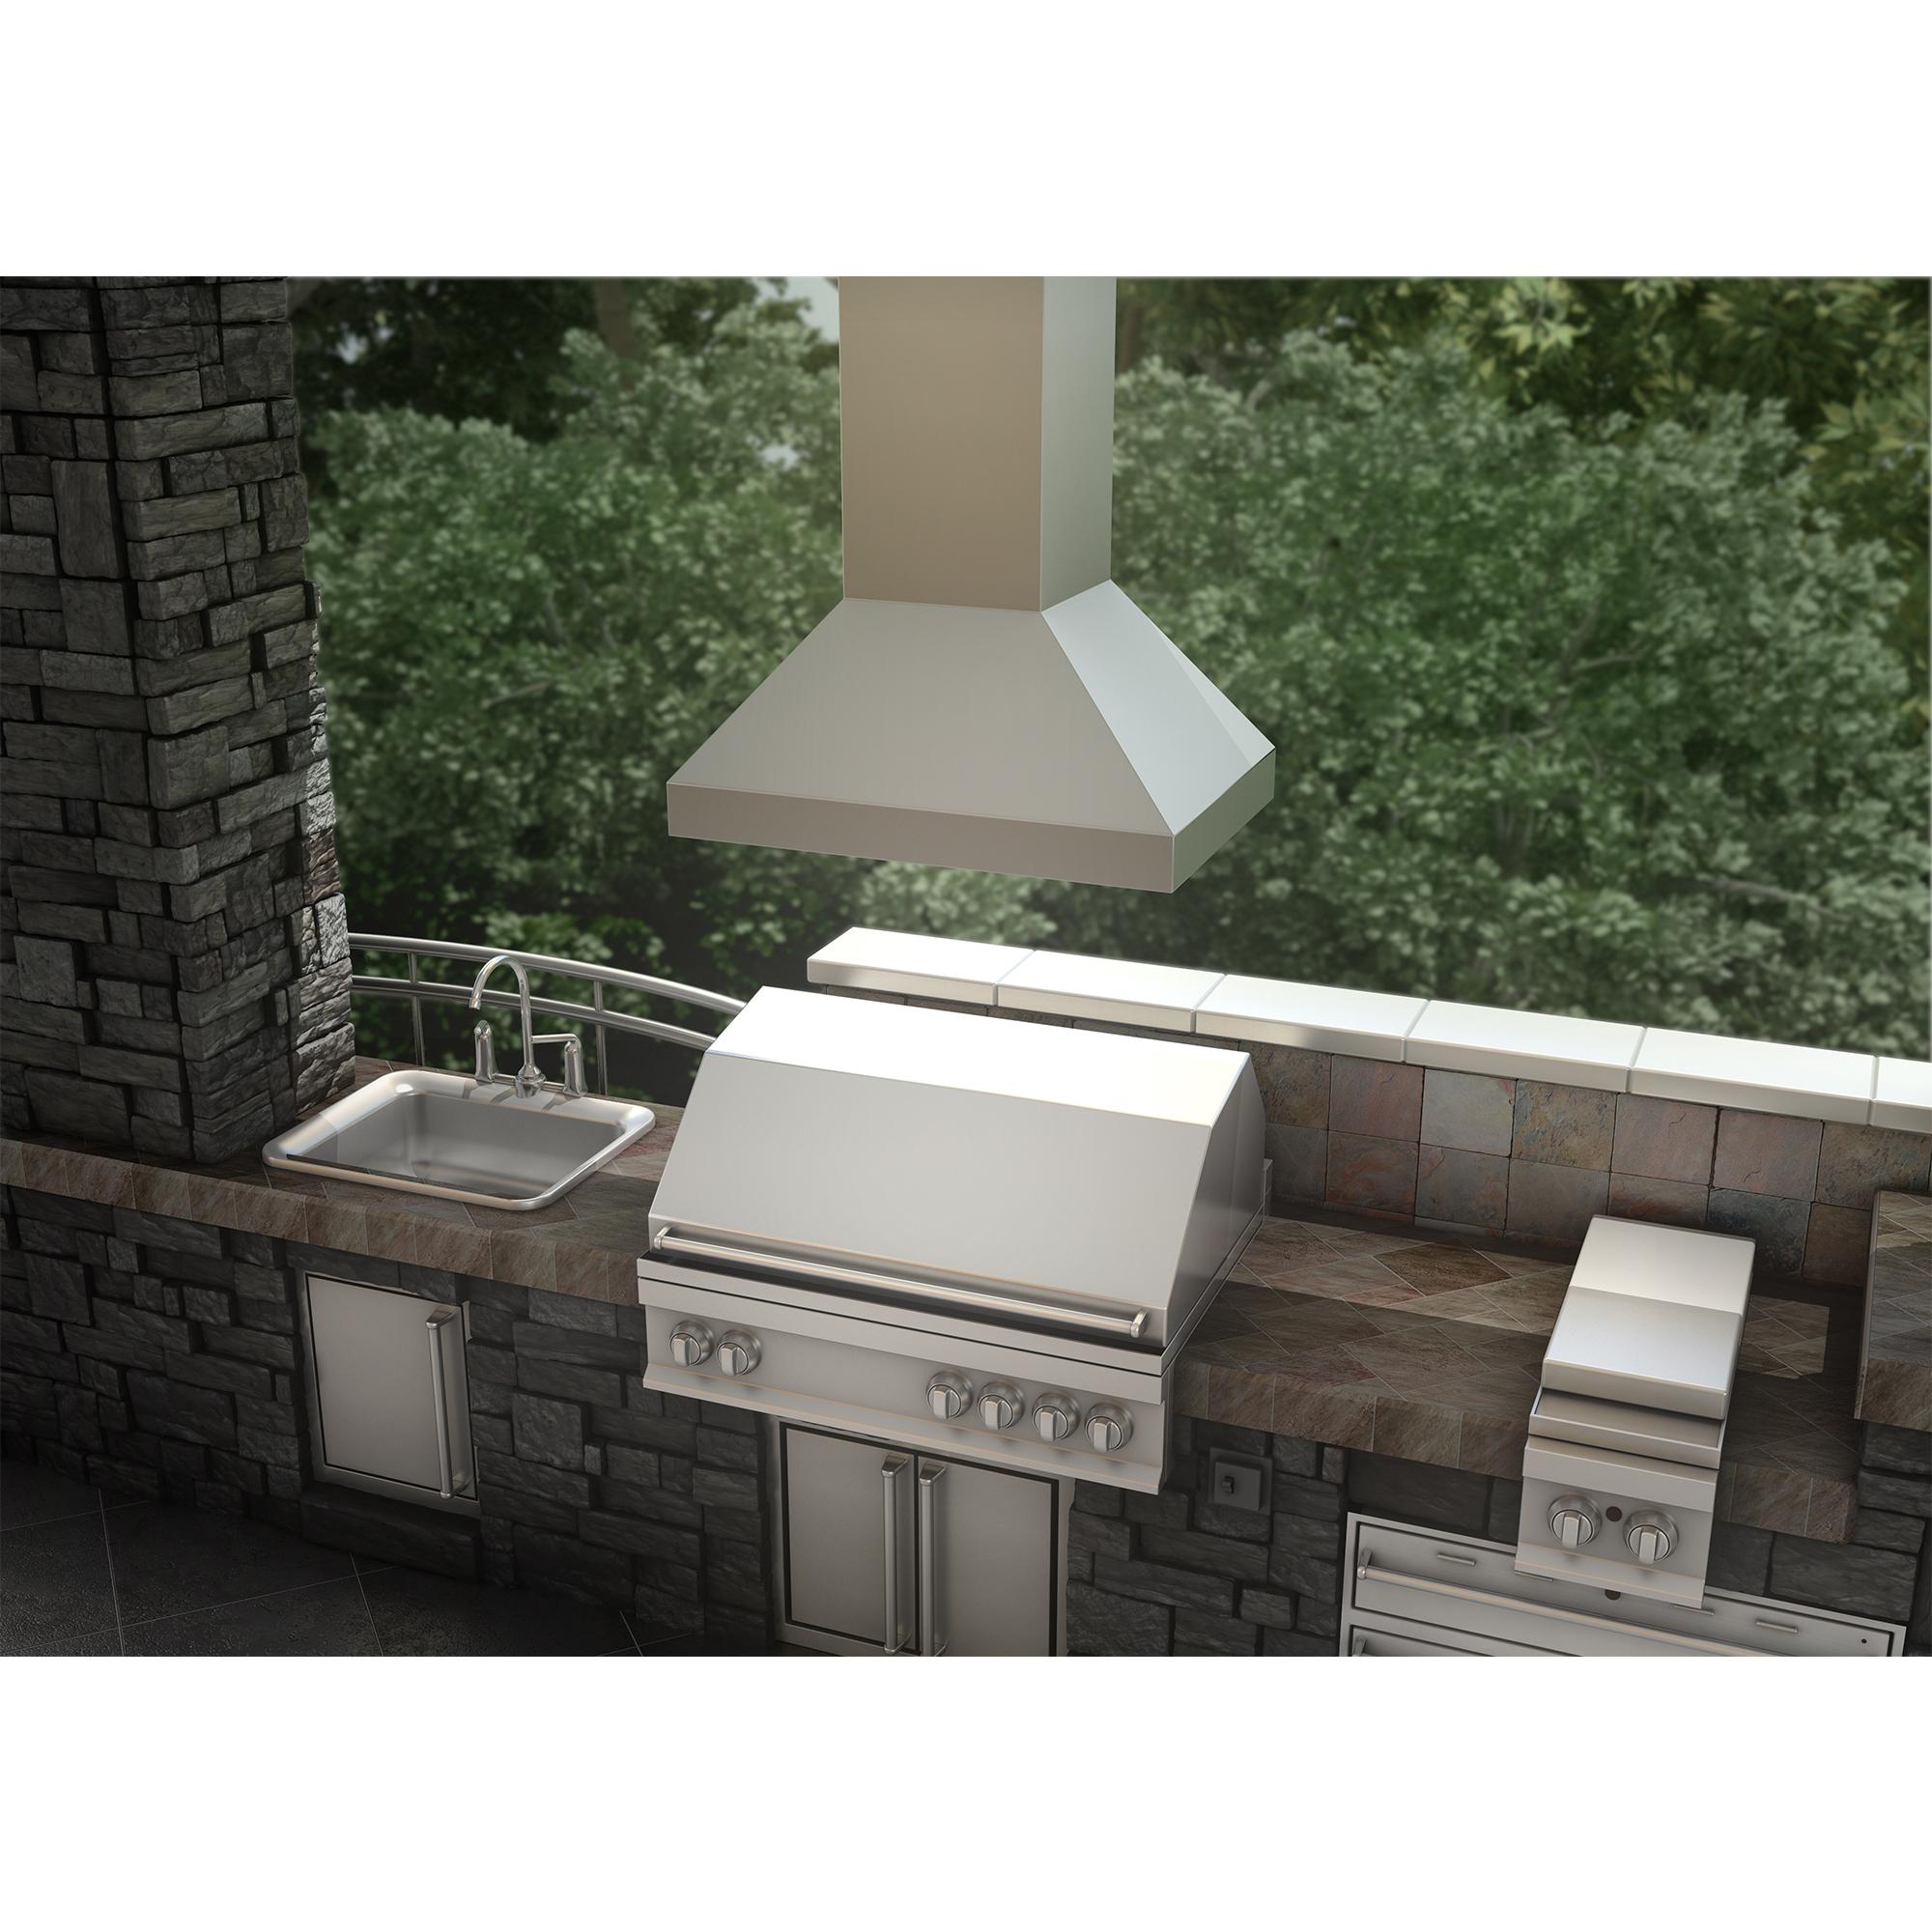 zline-stainless-steel-island-range-hood-597i-kitchen-outdoor-2.jpg